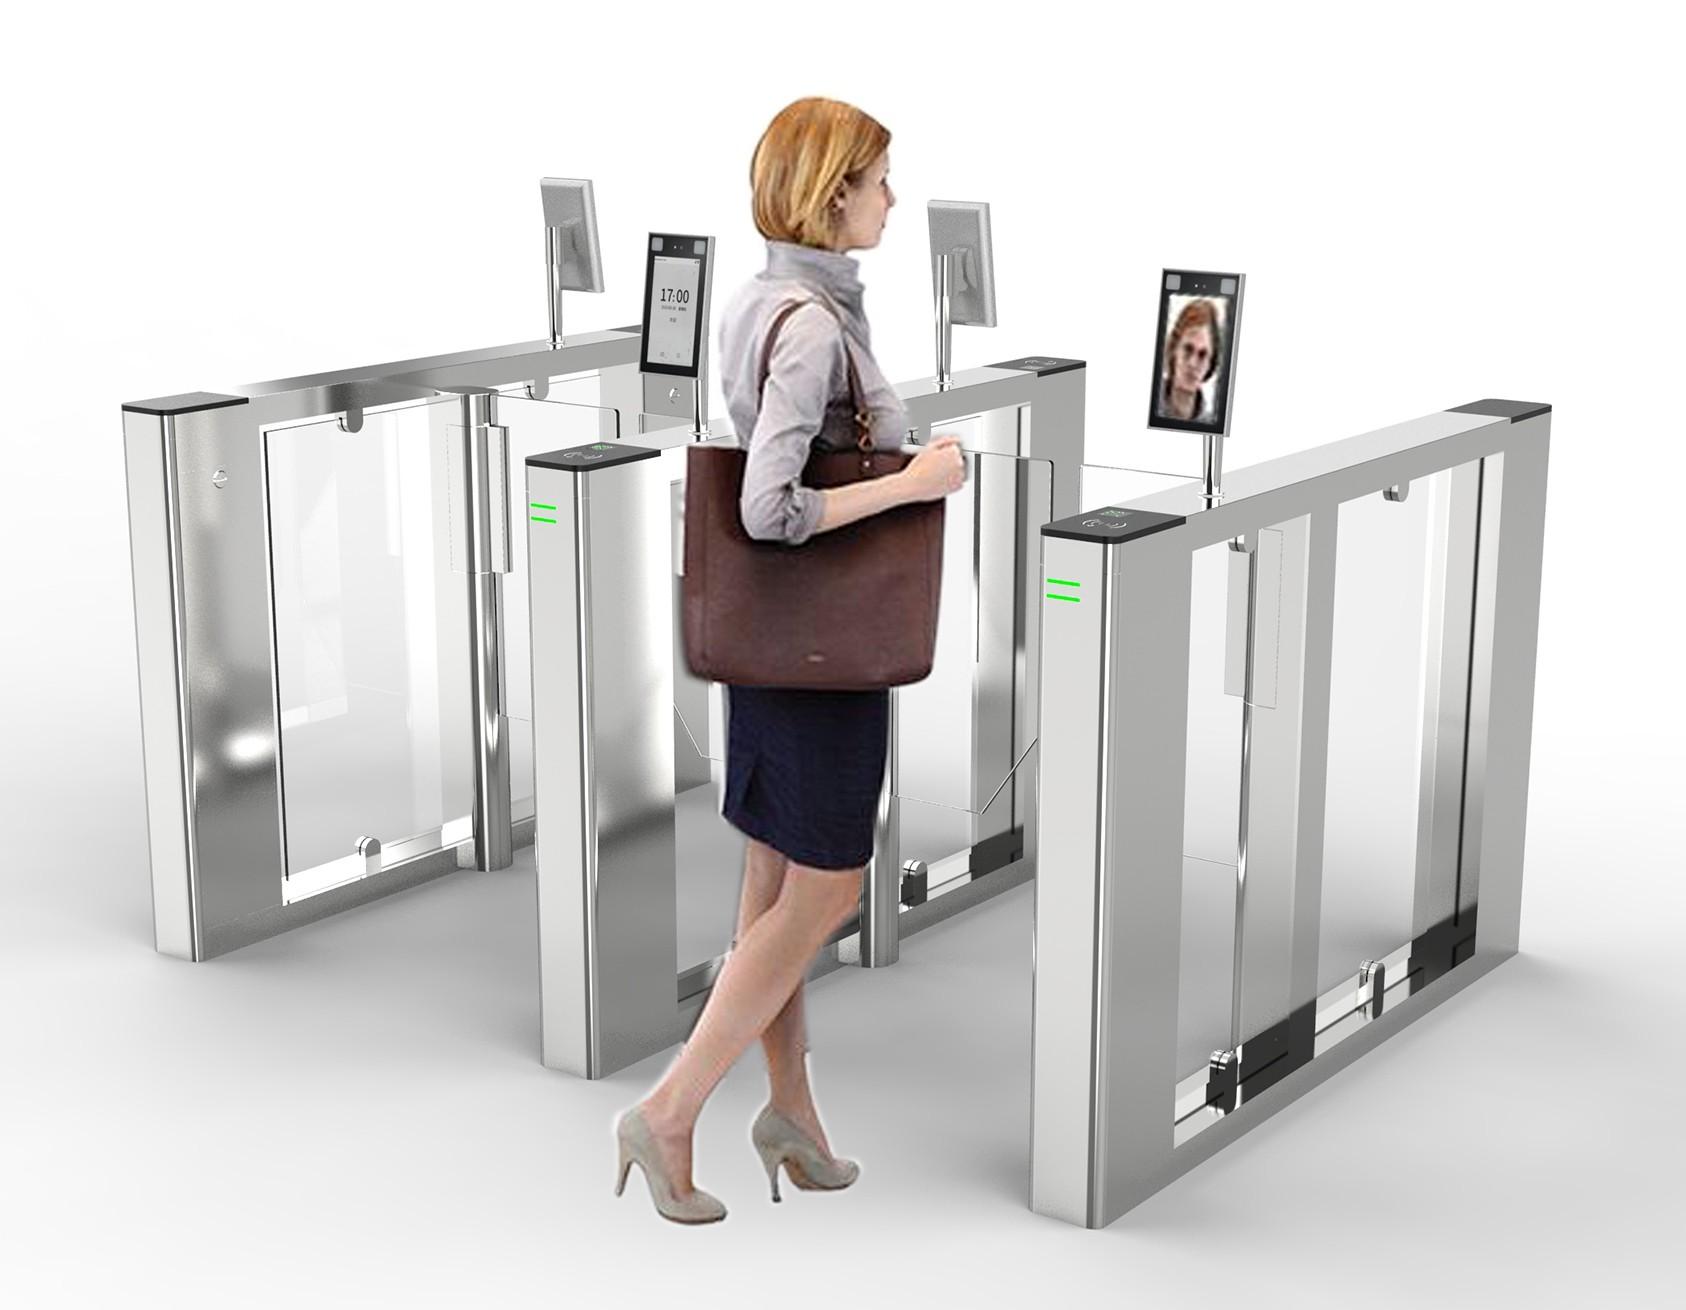 人脸识别一体化闸机访客系统引领无感通行